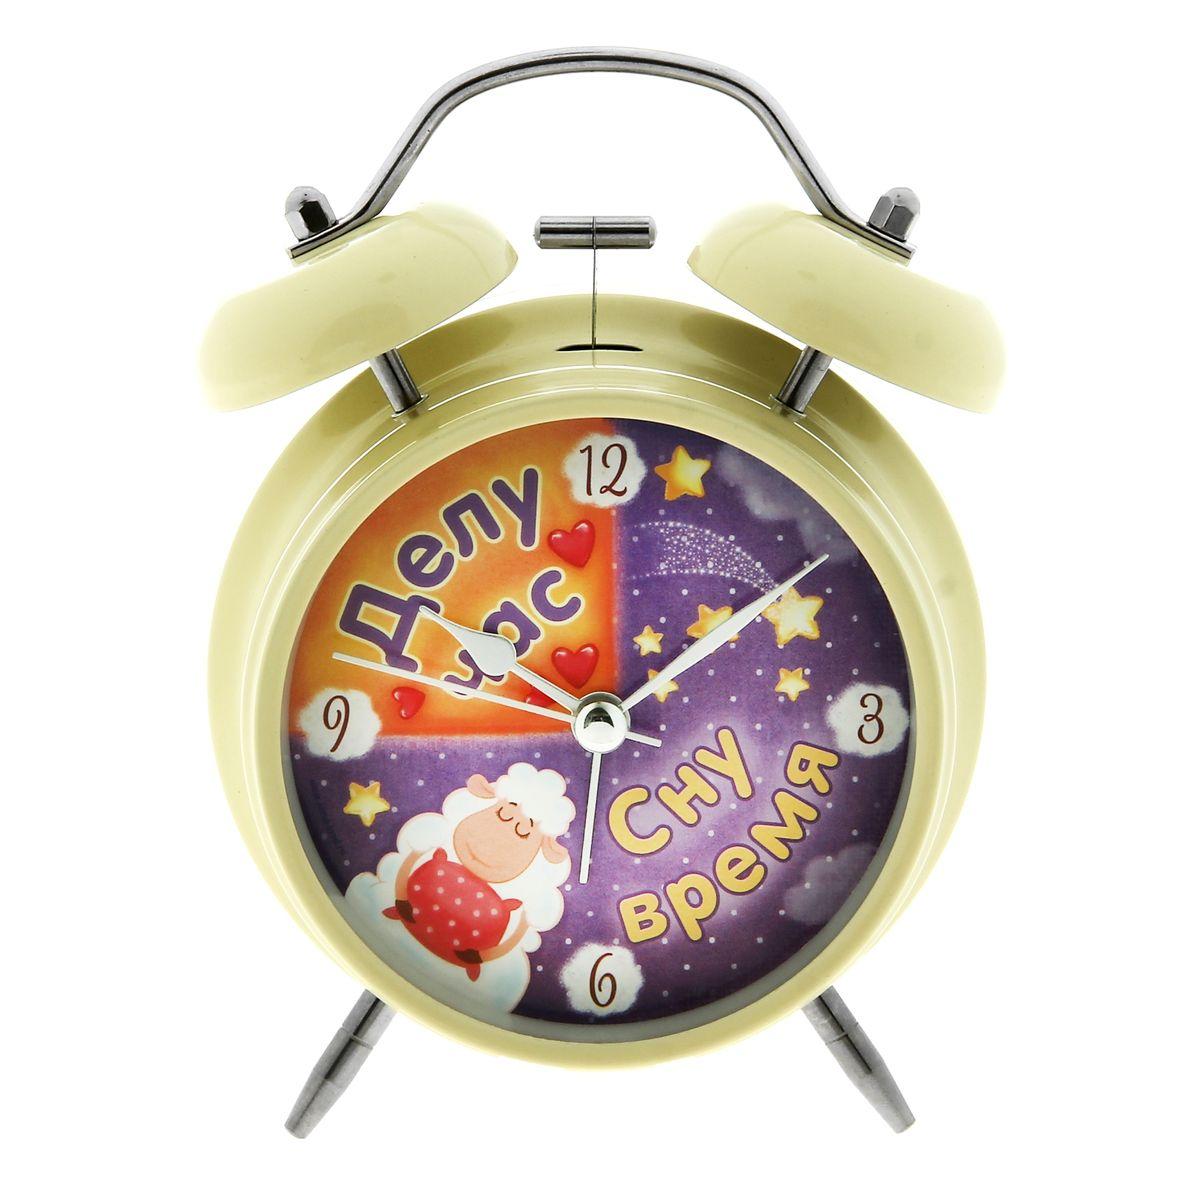 Часы-будильник Sima-land Делу час - сну время179039Как же сложно иногда вставать вовремя! Всегда так хочется поспать еще хотя бы 5минут и бывает, что мы просыпаем. Теперь этого не случится! Яркий, оригинальныйбудильник Sima-land Делу час - сну время поможет вам всегда вставать в нужноевремя и успевать везде и всюду. Корпус будильника выполнен из металла. Циферблат оформлен изображениемспящей овечки и надписью: Делу час, сну время, имеет индикациюарабскими цифрами. Часы снабжены 4 стрелками (секундная, минутная, часовая идля будильника). На задней панели будильника расположен переключательвключения/выключения механизма, а также два колесика для настройки текущеговремени и времени звонка будильника. Также будильник оснащенкнопкой, при нажатии и удержании которой подсвечивается циферблат. Пользоваться будильником очень легко: нужно всего лишь поставить батарейку,настроить точное время и установить время звонка.Необходимо докупить 1 батарейку типа АА (не входит в комплект).